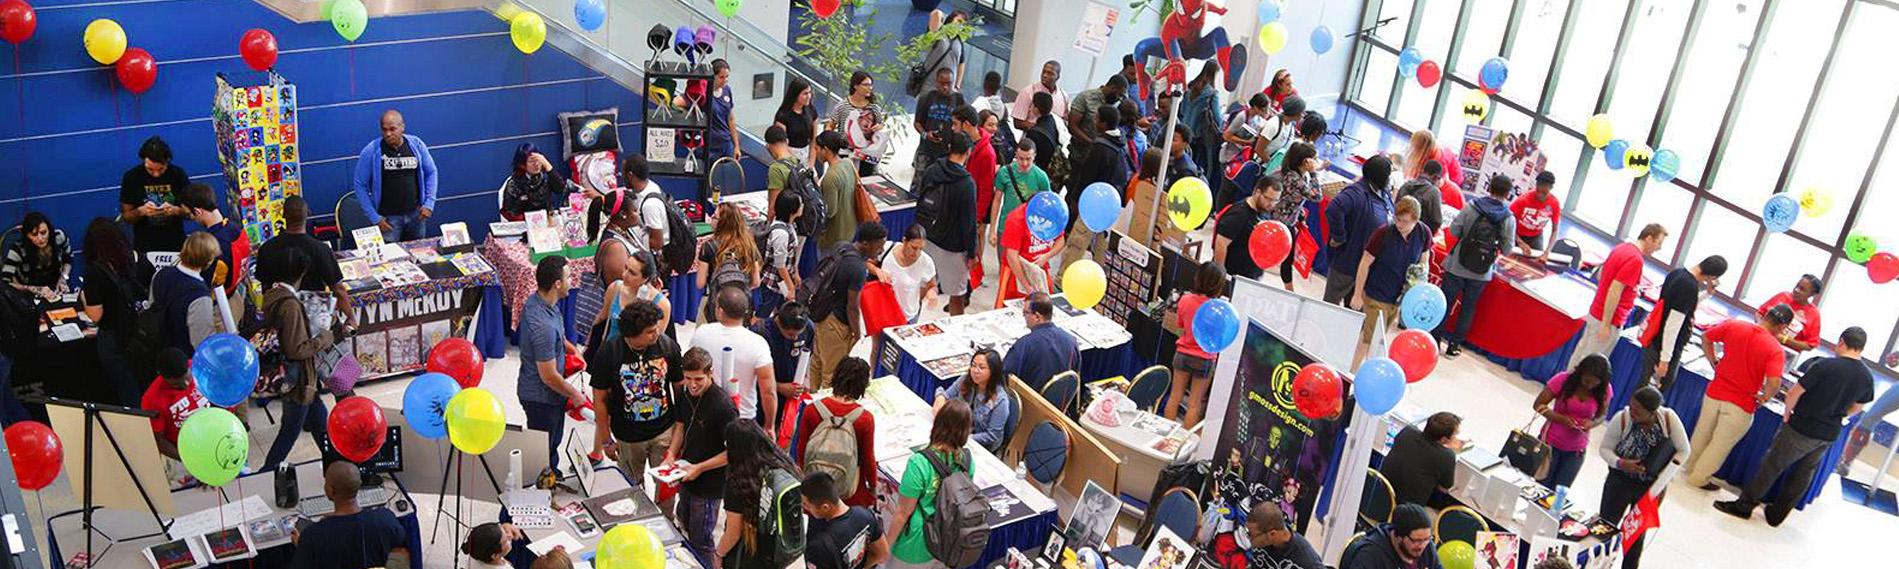 """Tercera edición de """"FIU Comic-Con"""" en Biscayne Bay"""